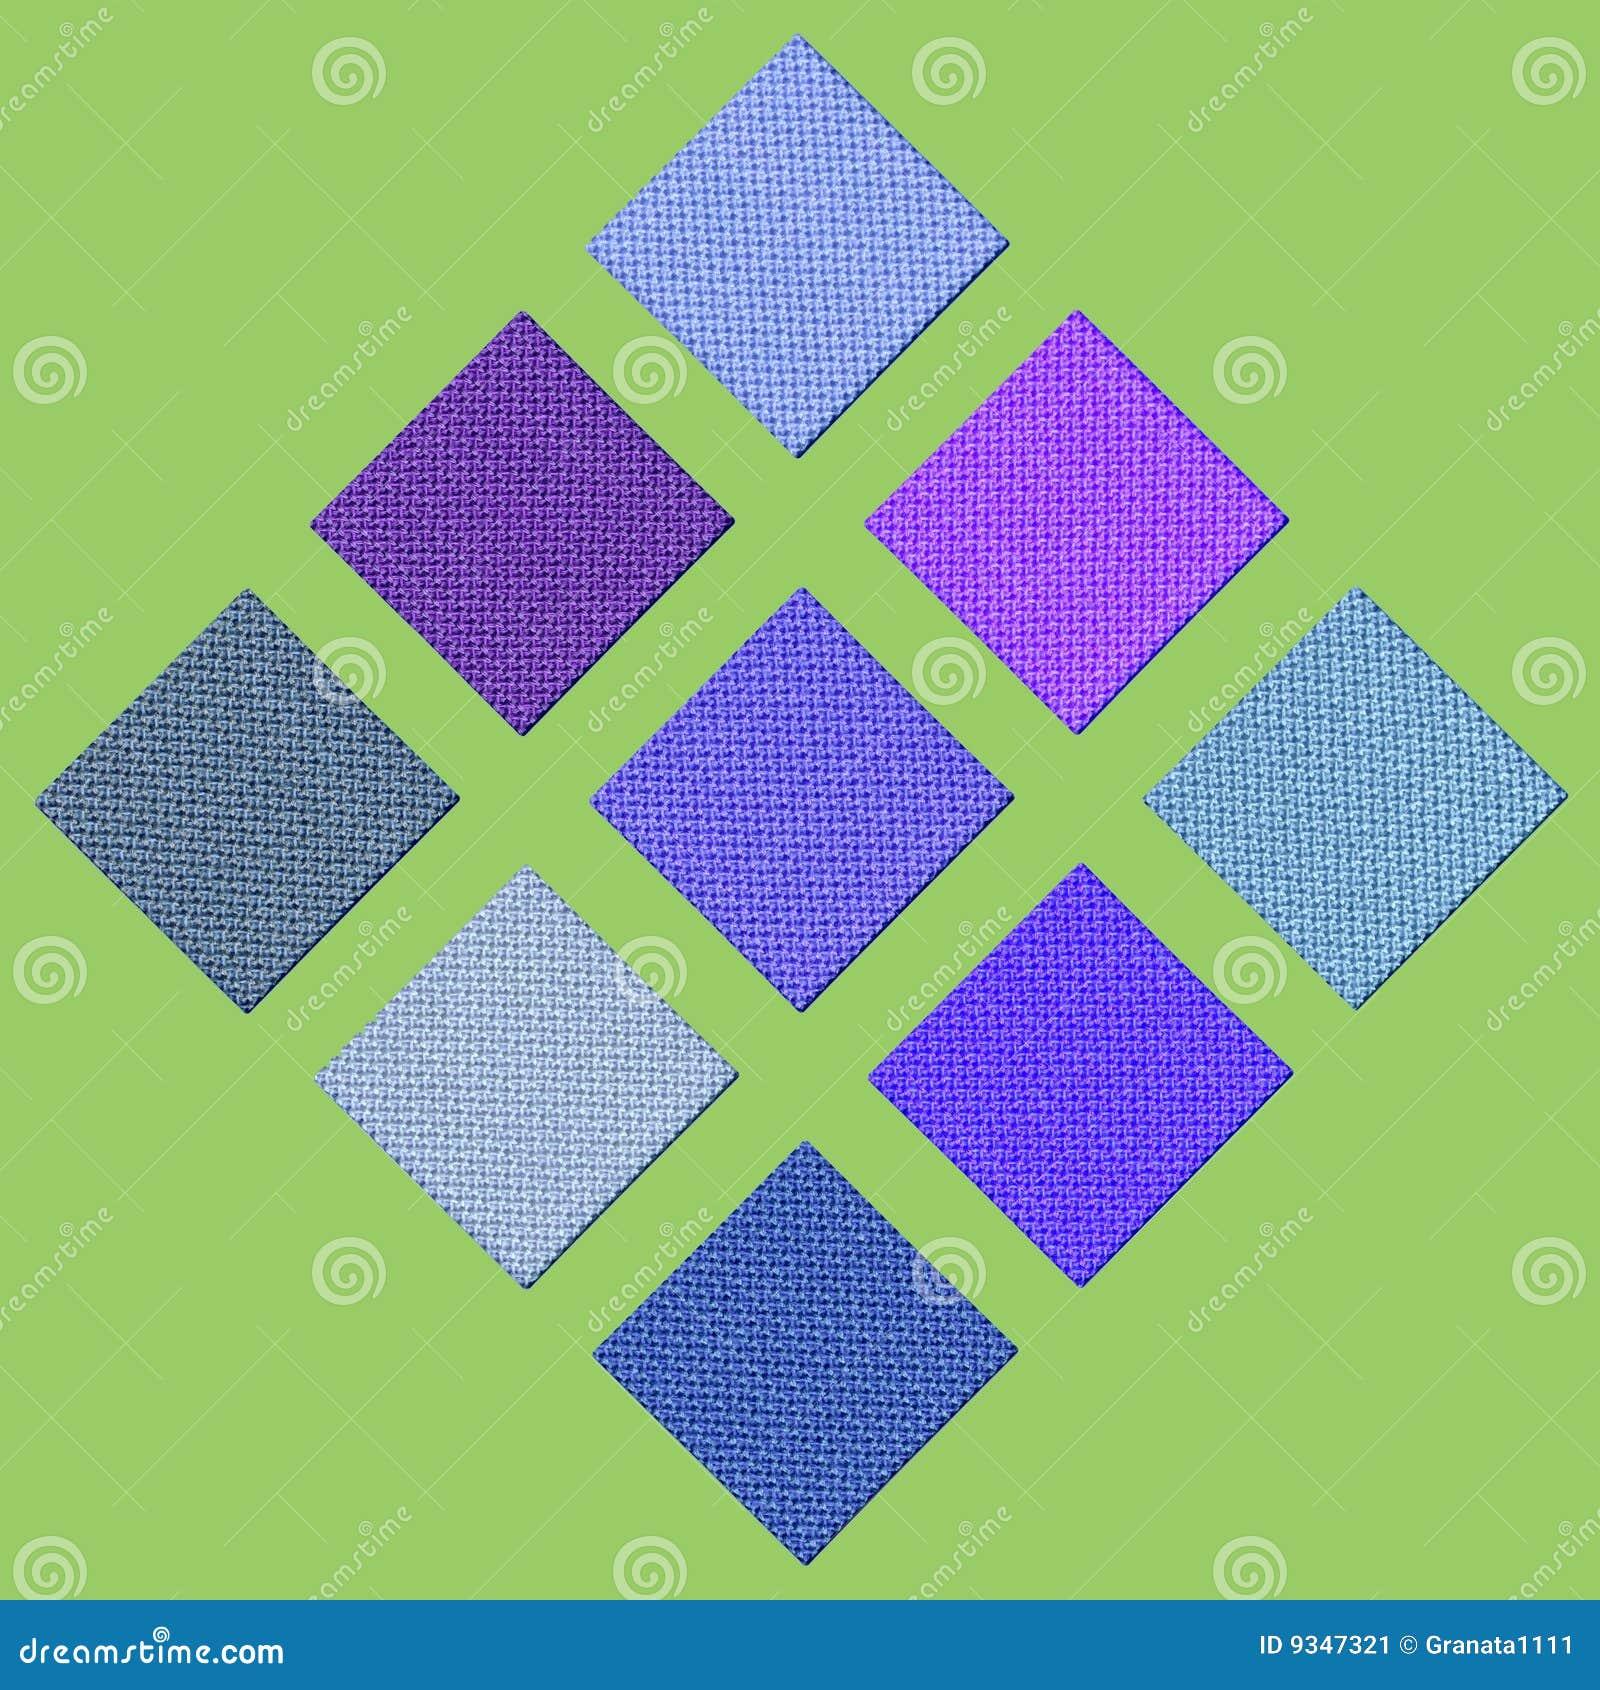 Colour sampler